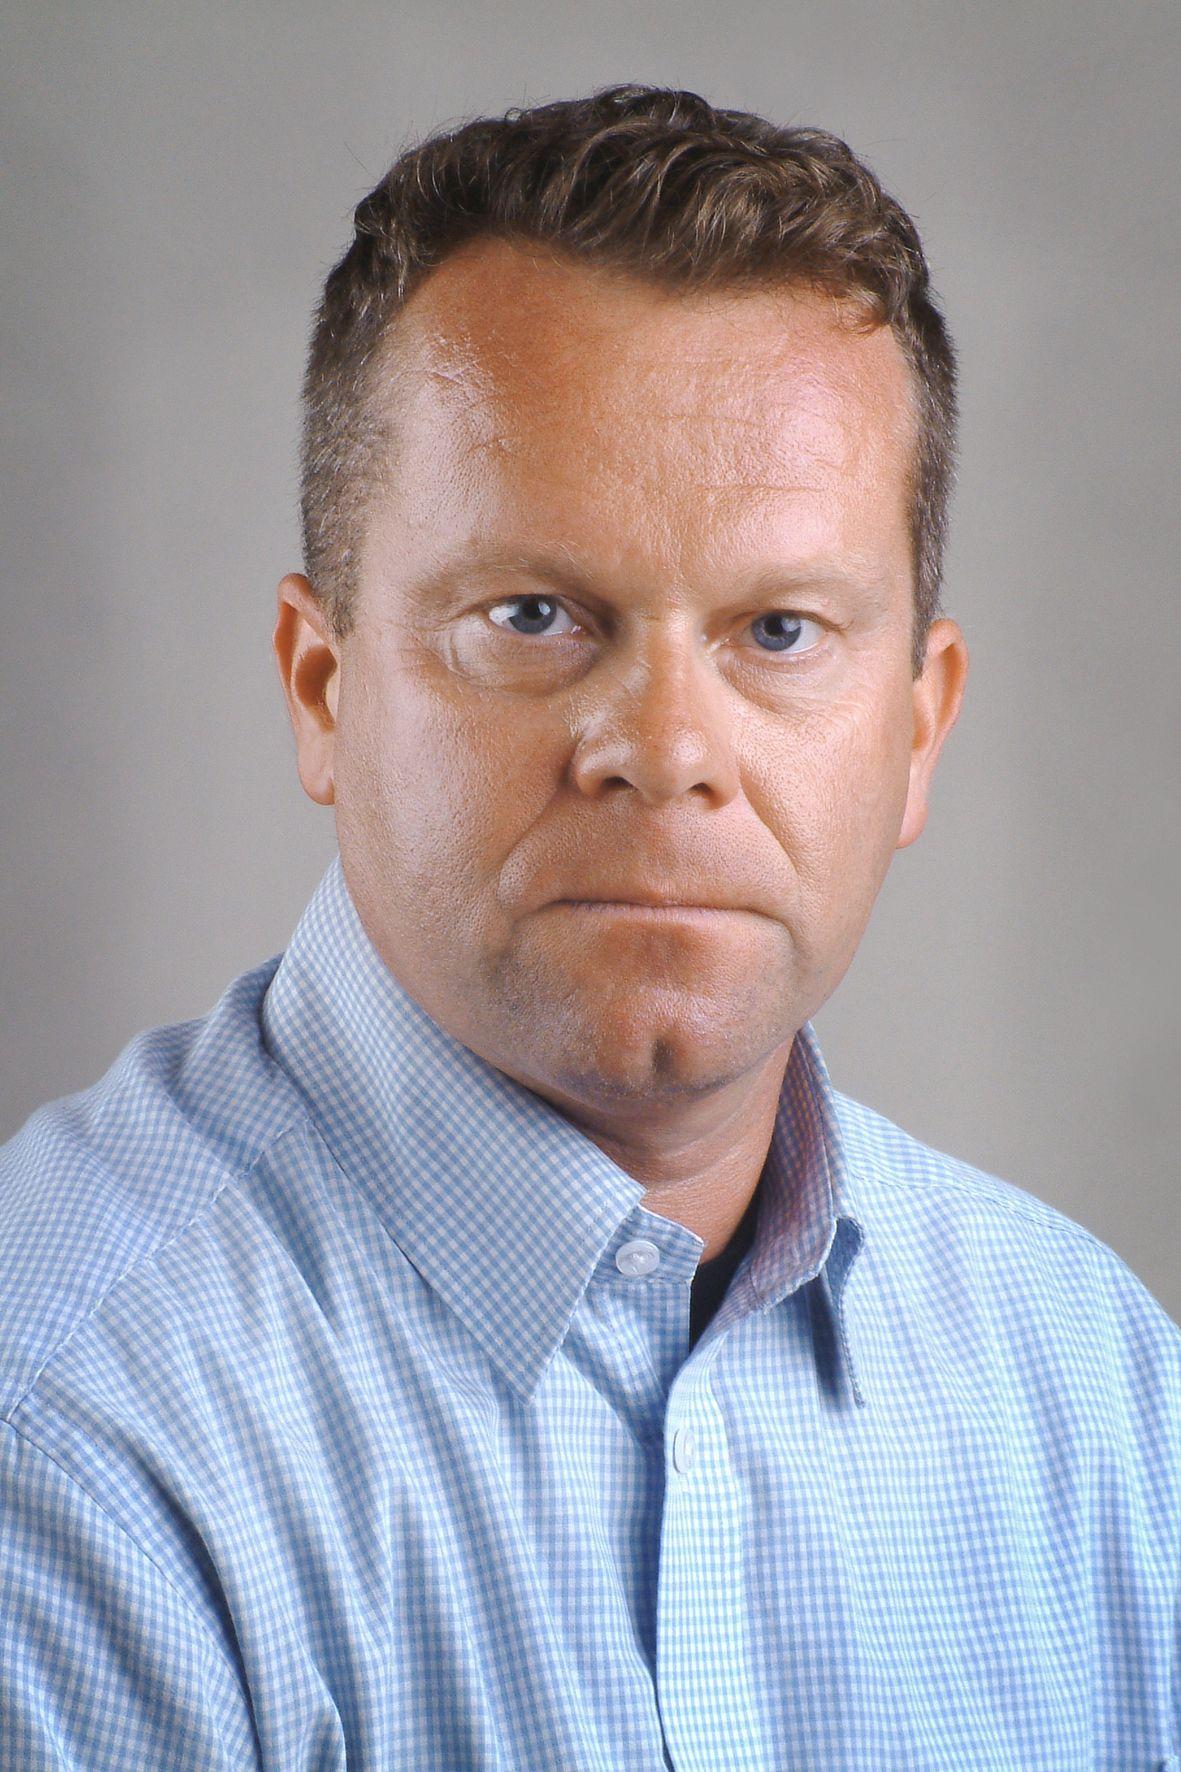 Kristian Garancis